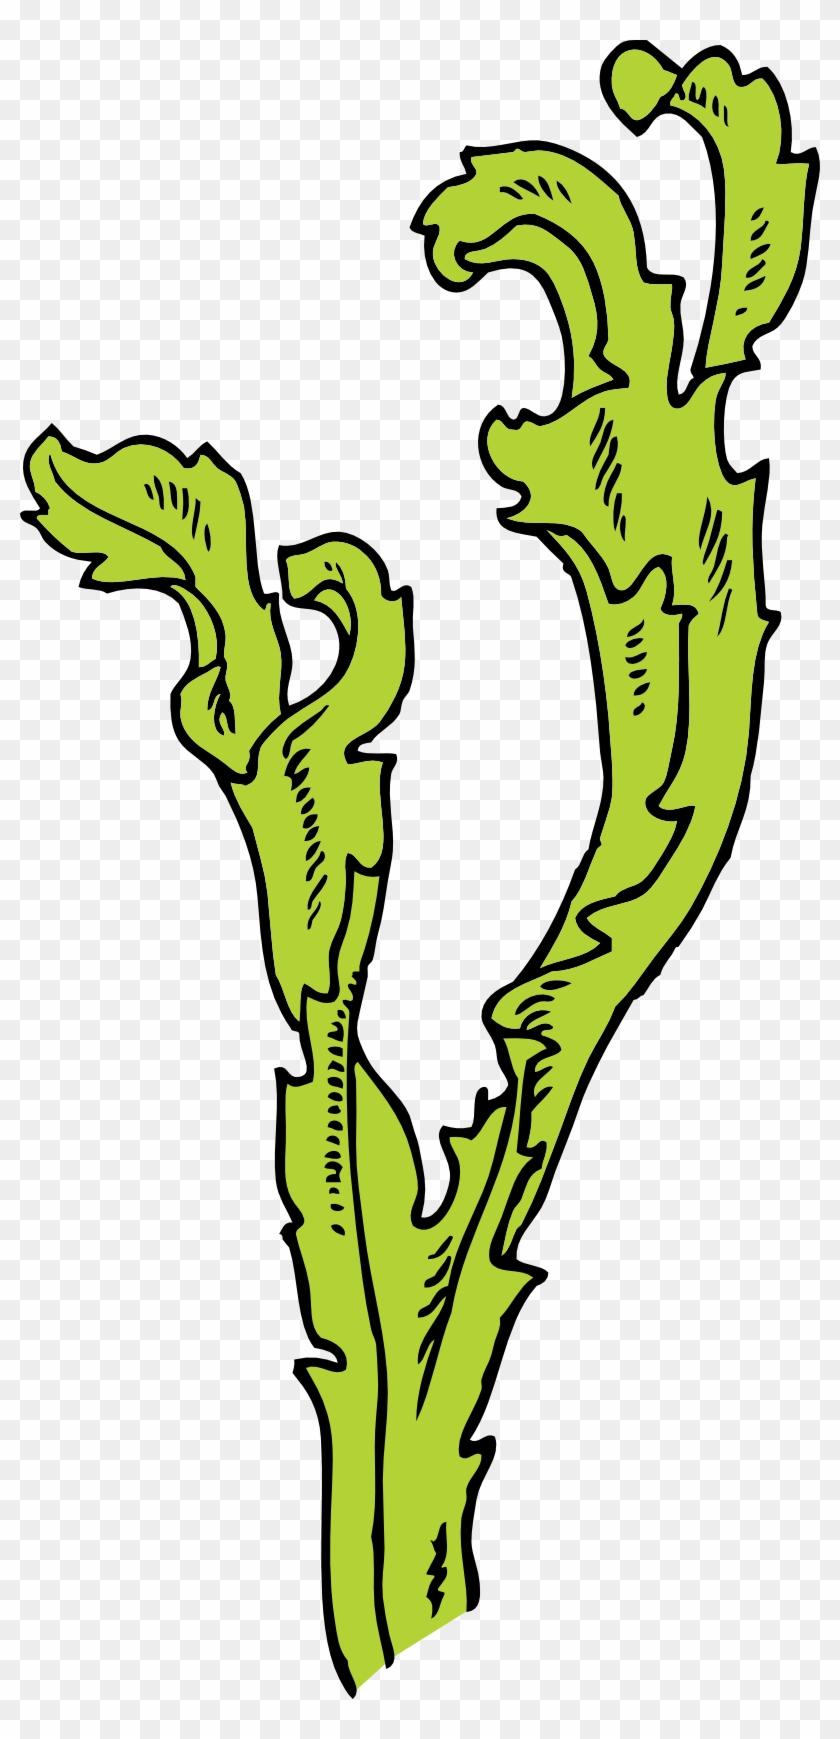 Seaweed Clipart - Seaweed Clip Art #1350752